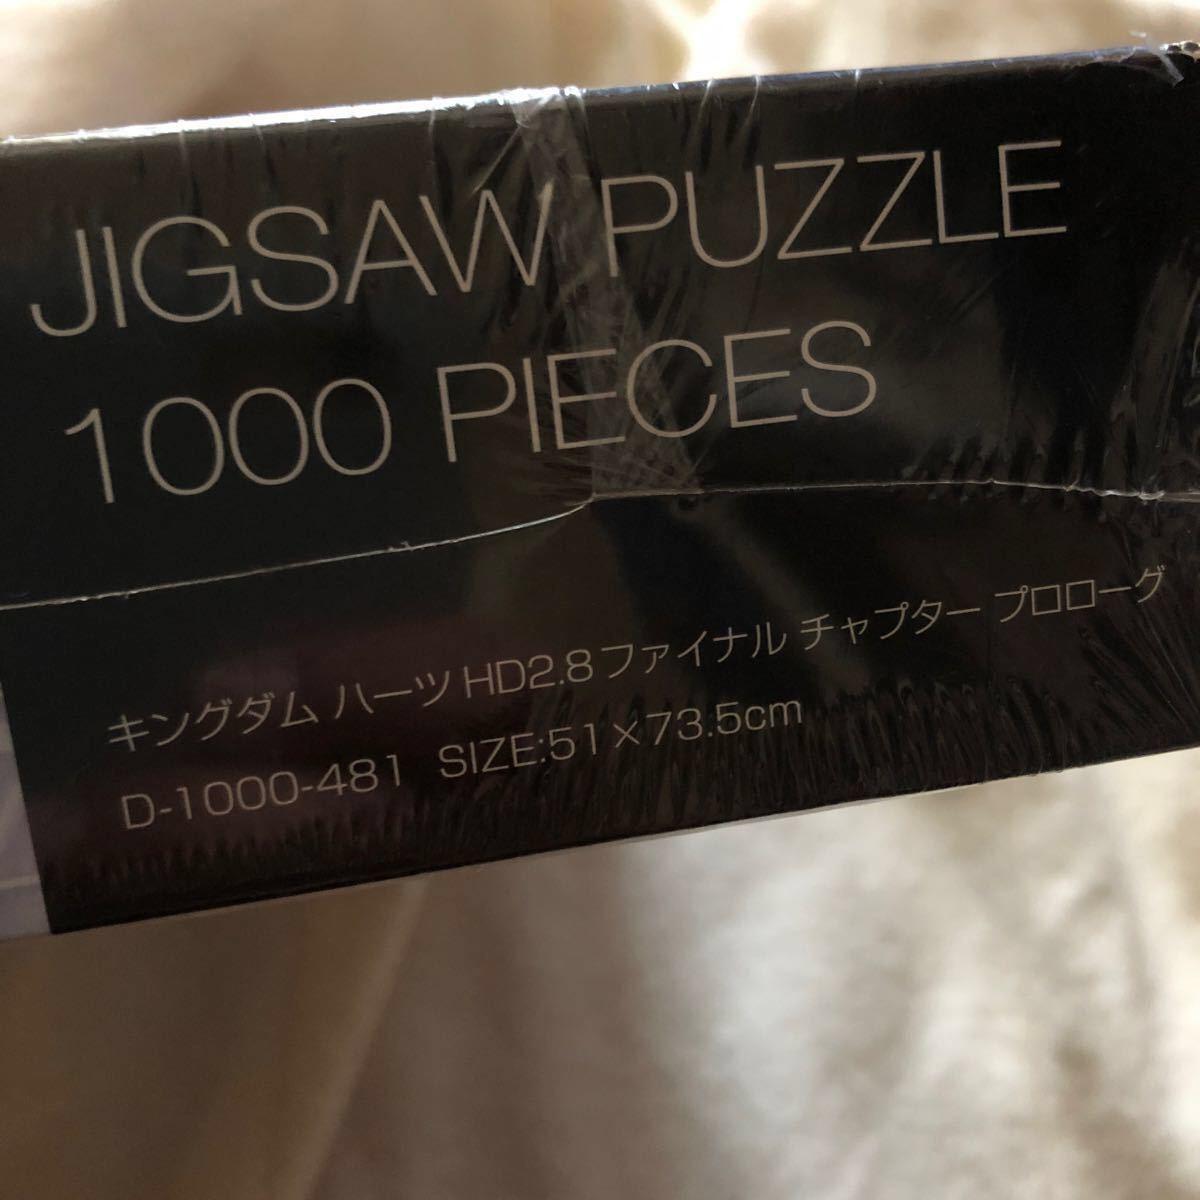 1000ピース ジグソーパズル キングダムハーツ HD2.8 ファイナルチャプタープロローグ(51x73.5cm)